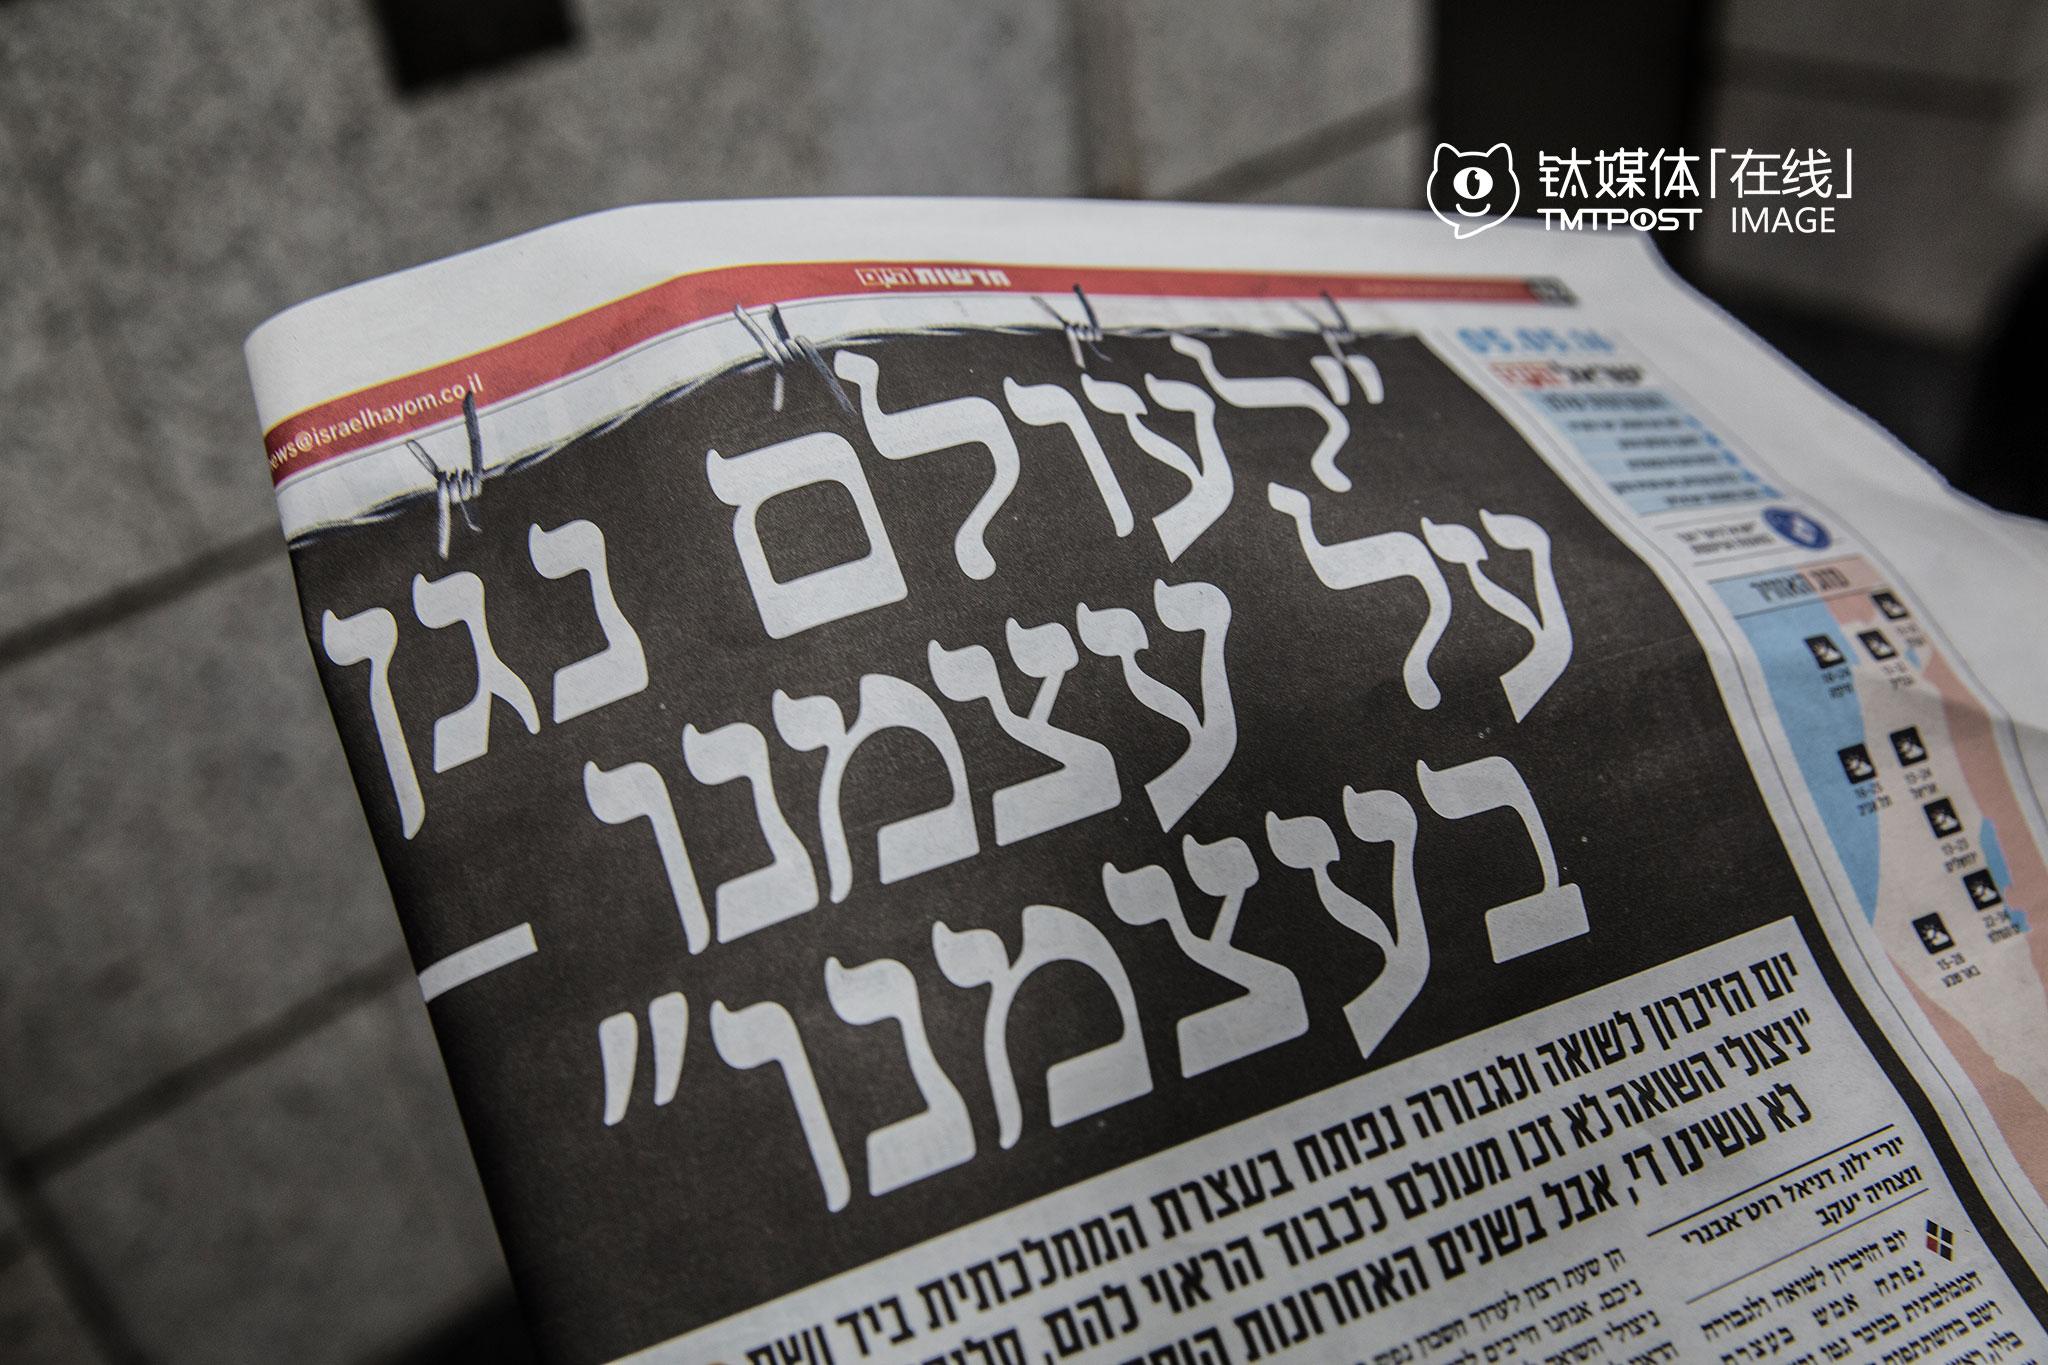 """当地时间2016年5月5日,是犹太人大屠杀纪念日,这一天特拉维夫当地报纸用整叠的专题来写那些被屠杀犹太人的故事,这个标题大意为""""我们不要再被屠杀""""。当天上午10点,以色列全国鸣警笛两分钟,所有交通停止,所有人走出车外,所有国民放下手中的工作,为二战时被纳粹屠杀的600万犹太人默哀。"""